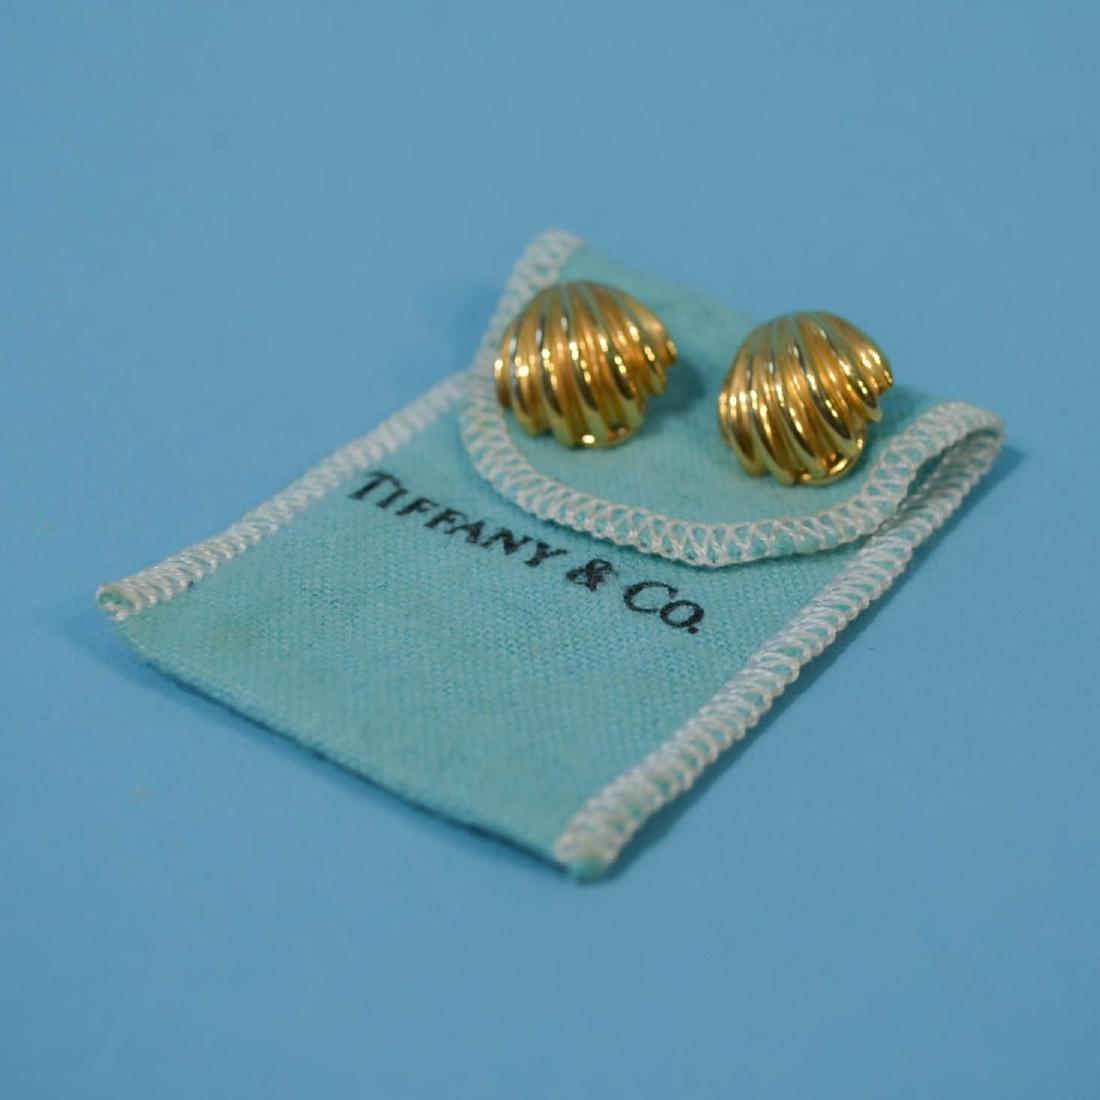 Pr of Tiffany & Co 18K Gold Shell Form Earrings